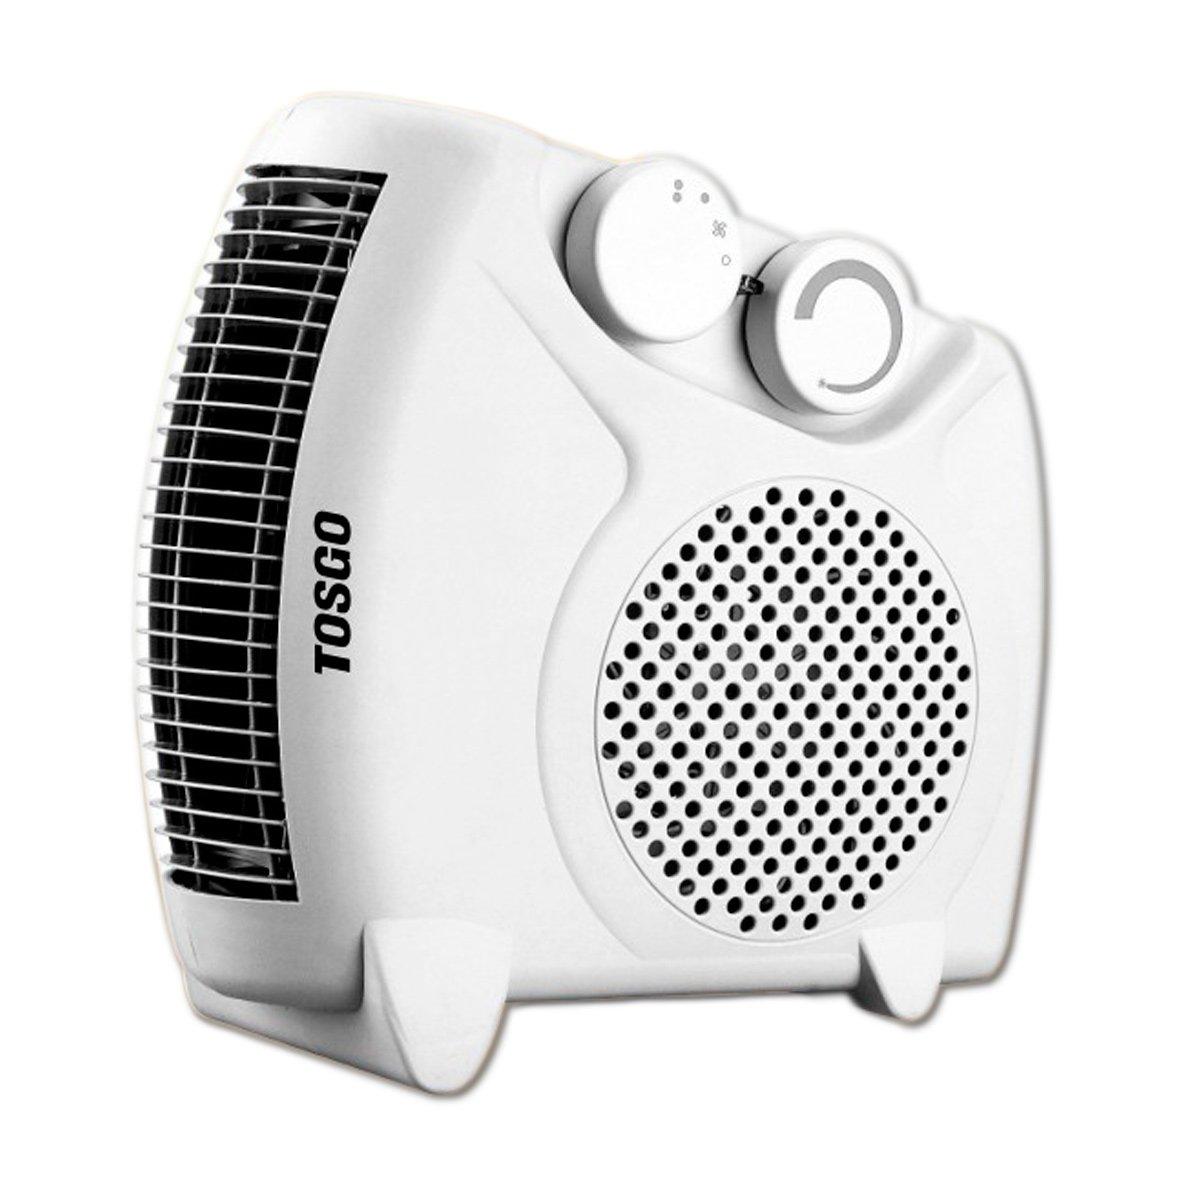 TOSGO TO-CA1180V, Calefactor Vertical de Aire Caliente con Termostato Regulable. Función de